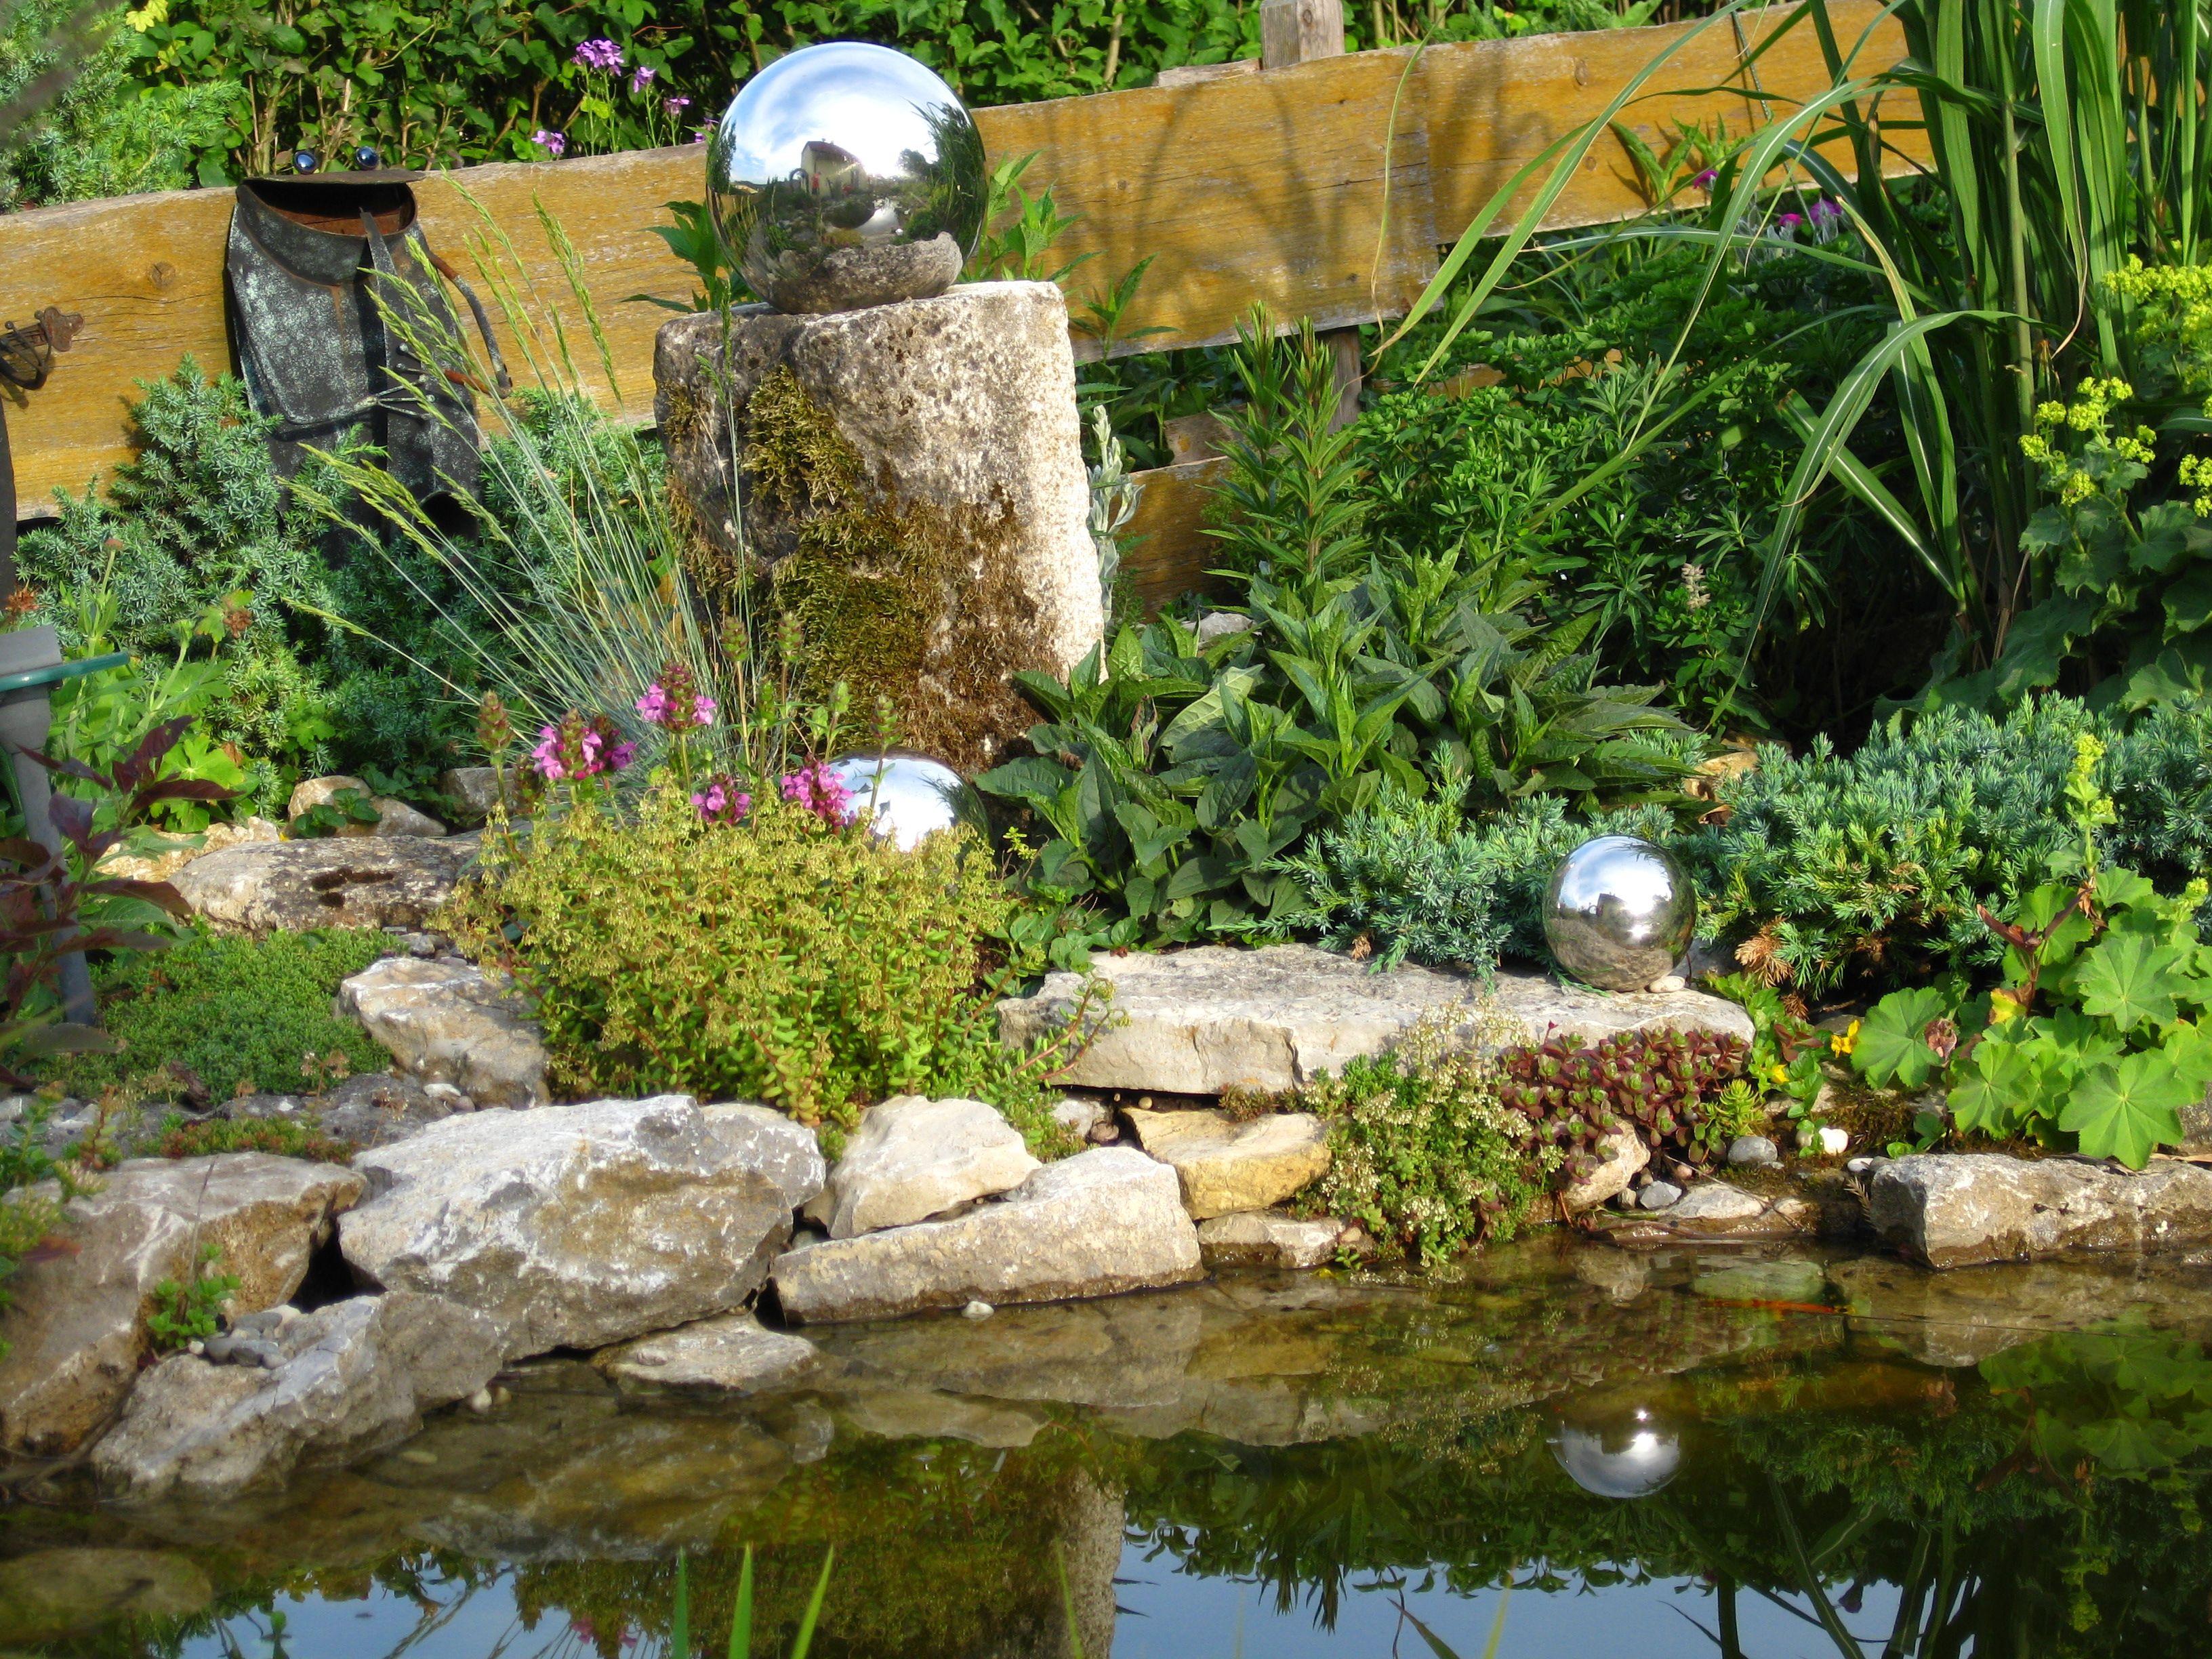 Randgestaltung Mit Natursteinen Gartenteich Teich Unsertraumingruen Gartenteich Teich Garten